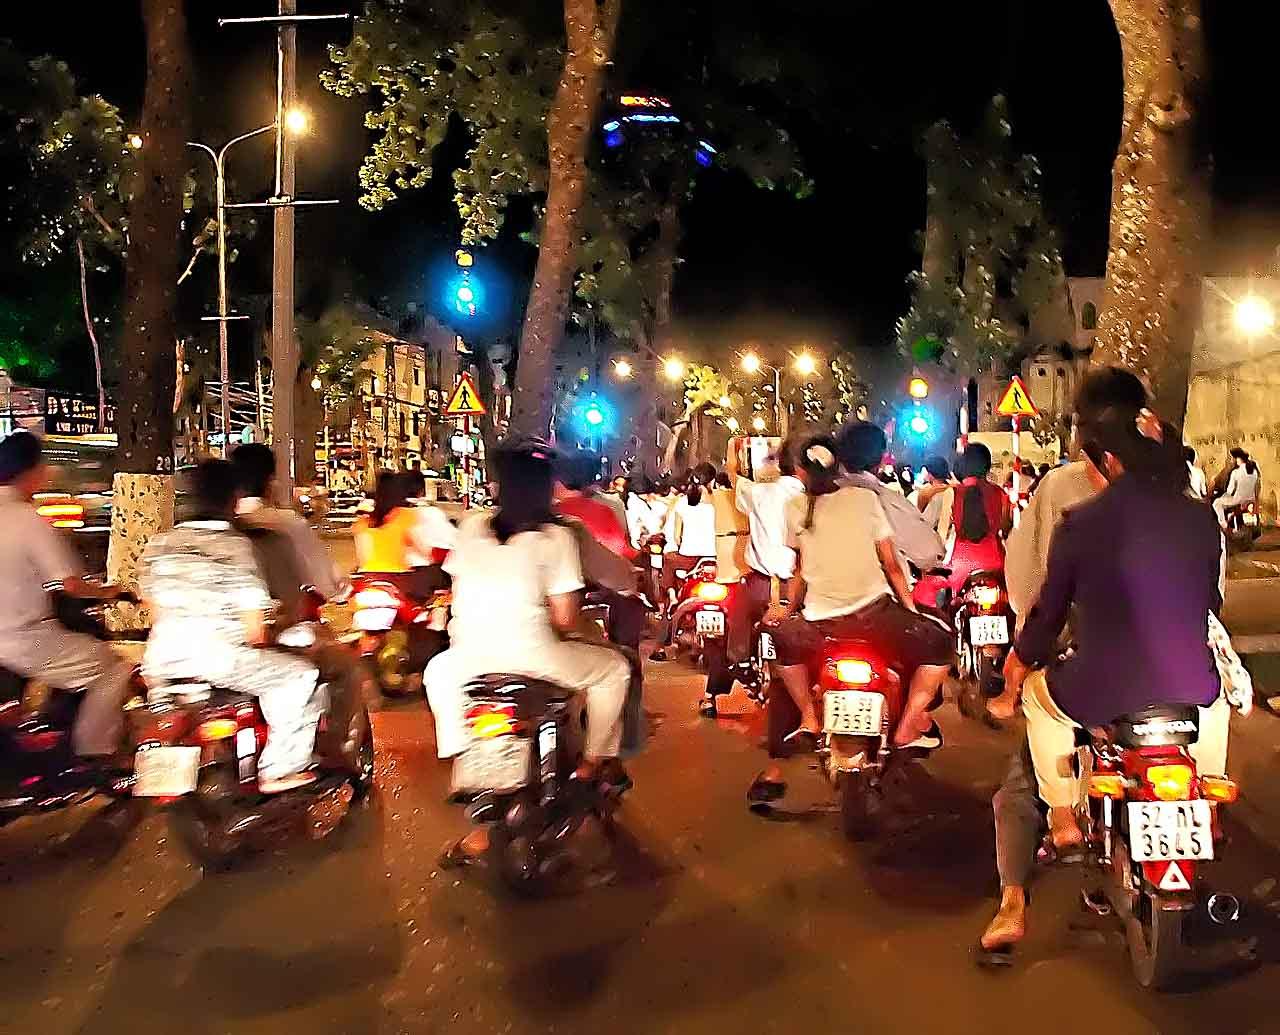 The motorbike brigade on night maneuvers - Siagon